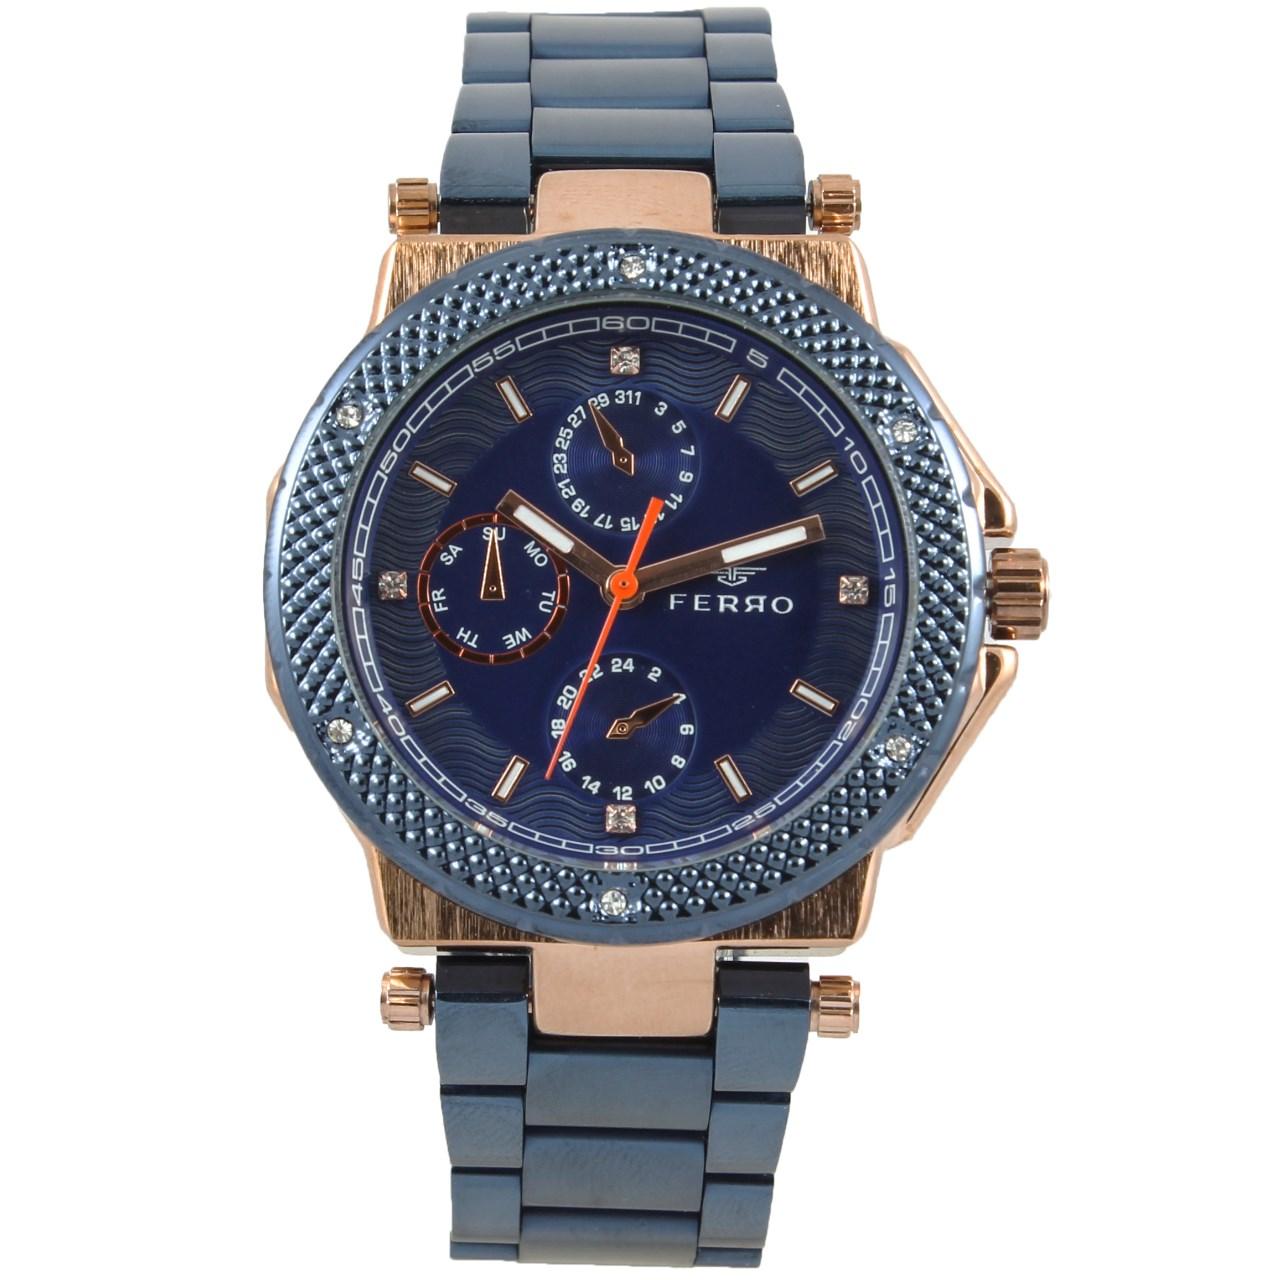 ساعت مچی عقربه ای مردانه فرو مدل F61585-569-T